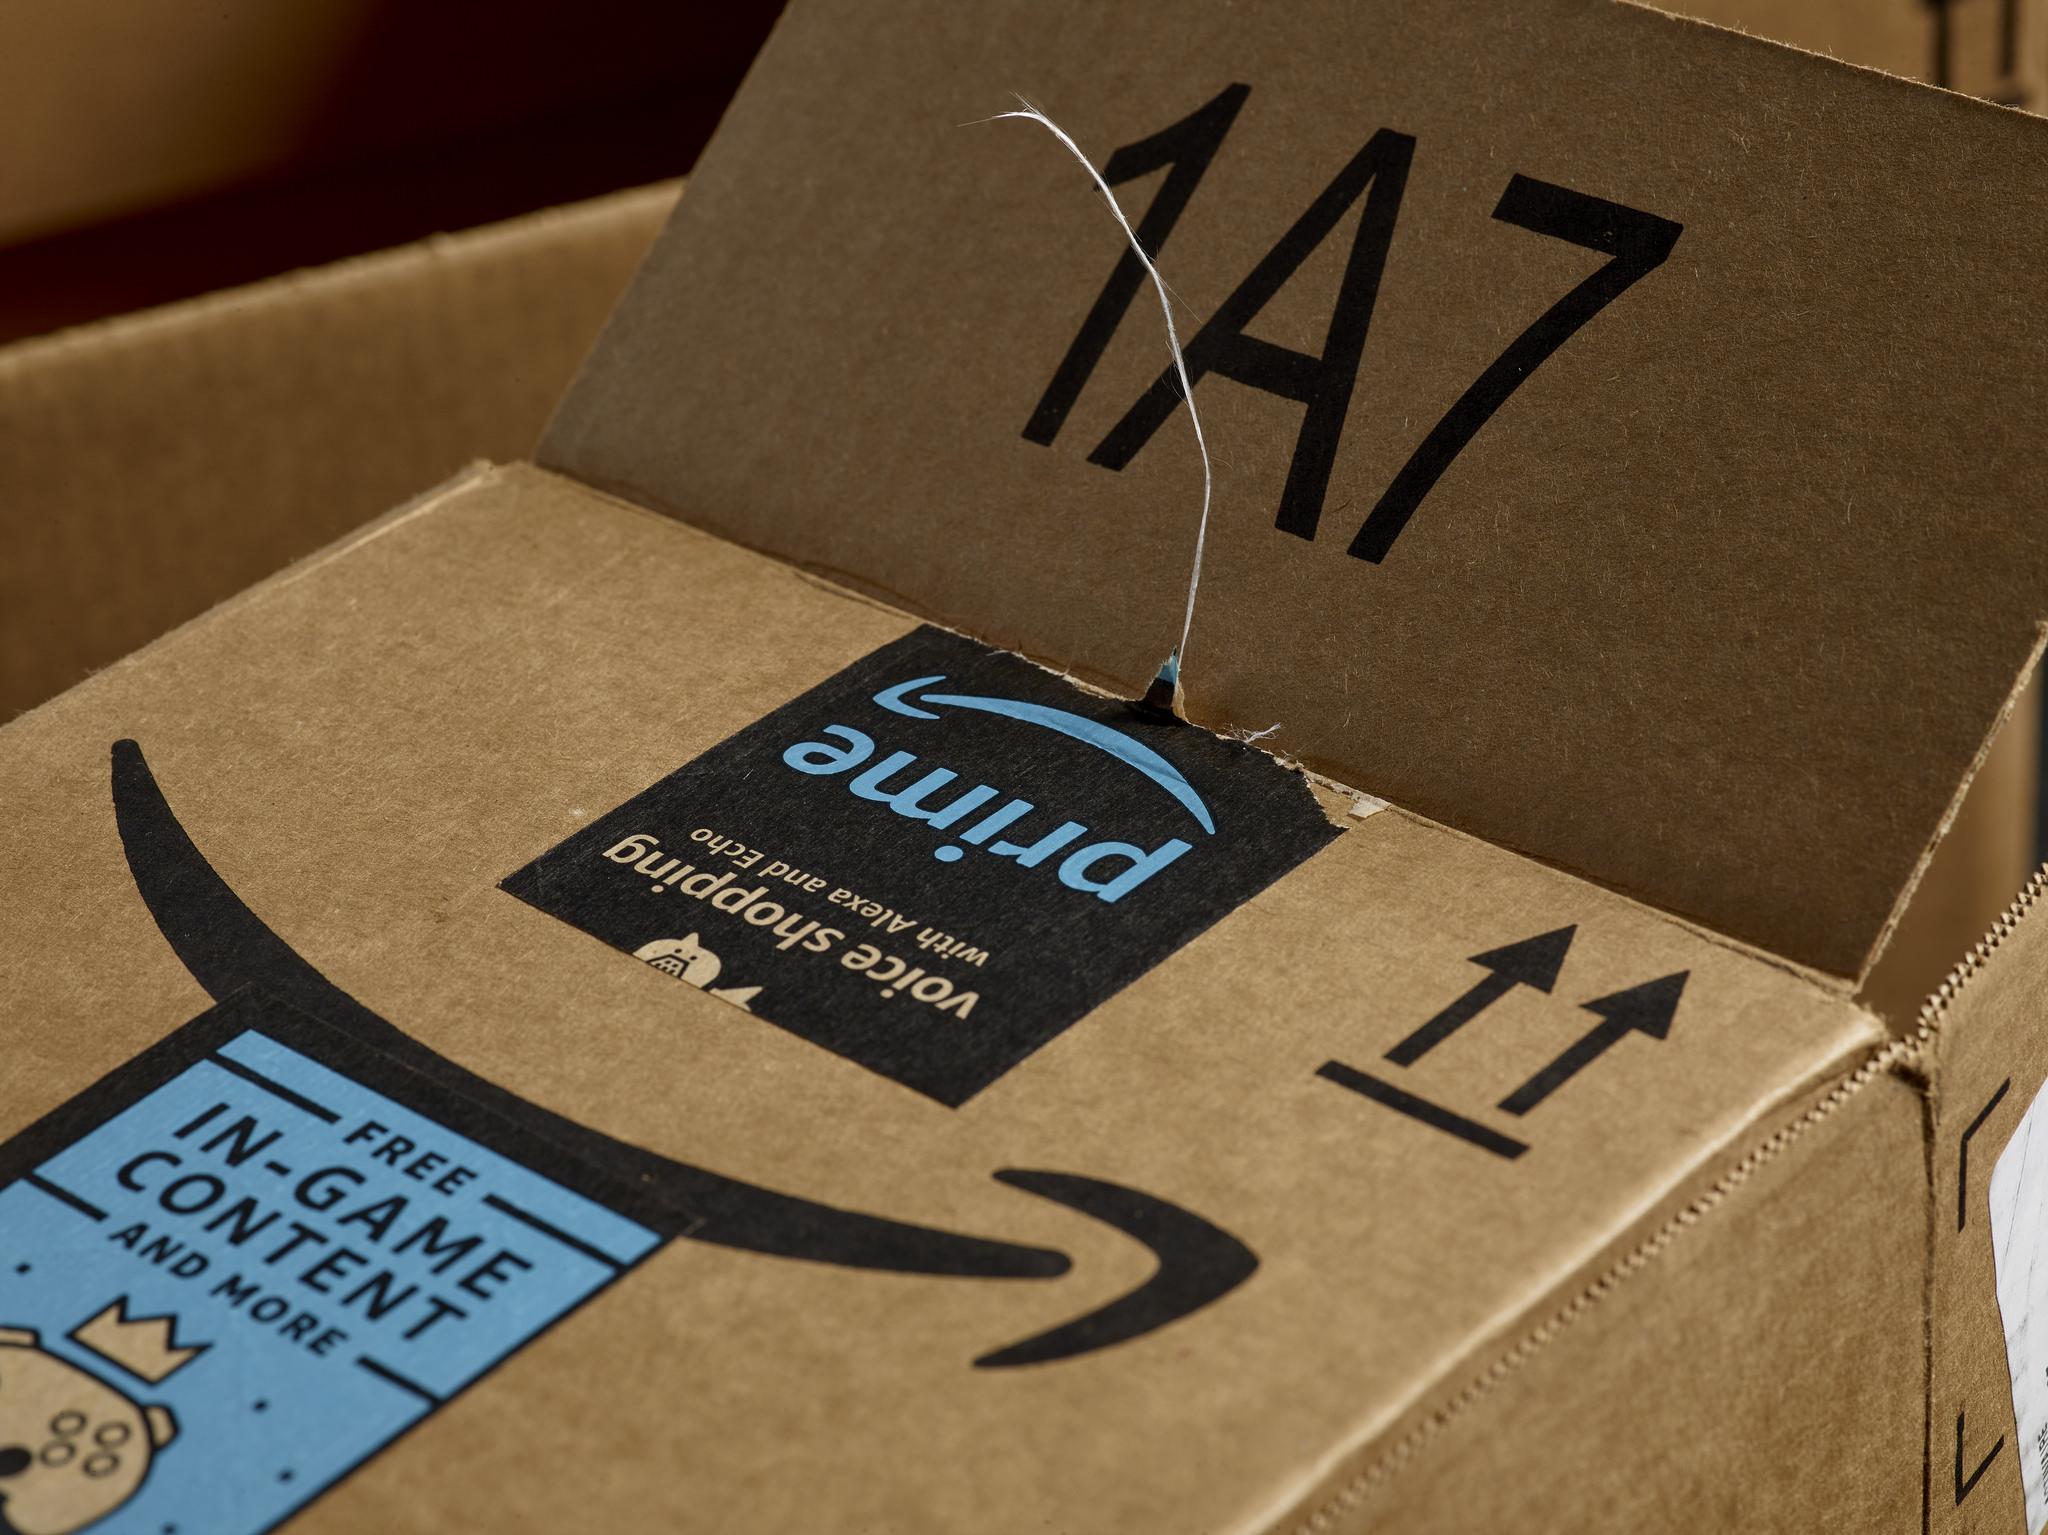 AmazonPackage